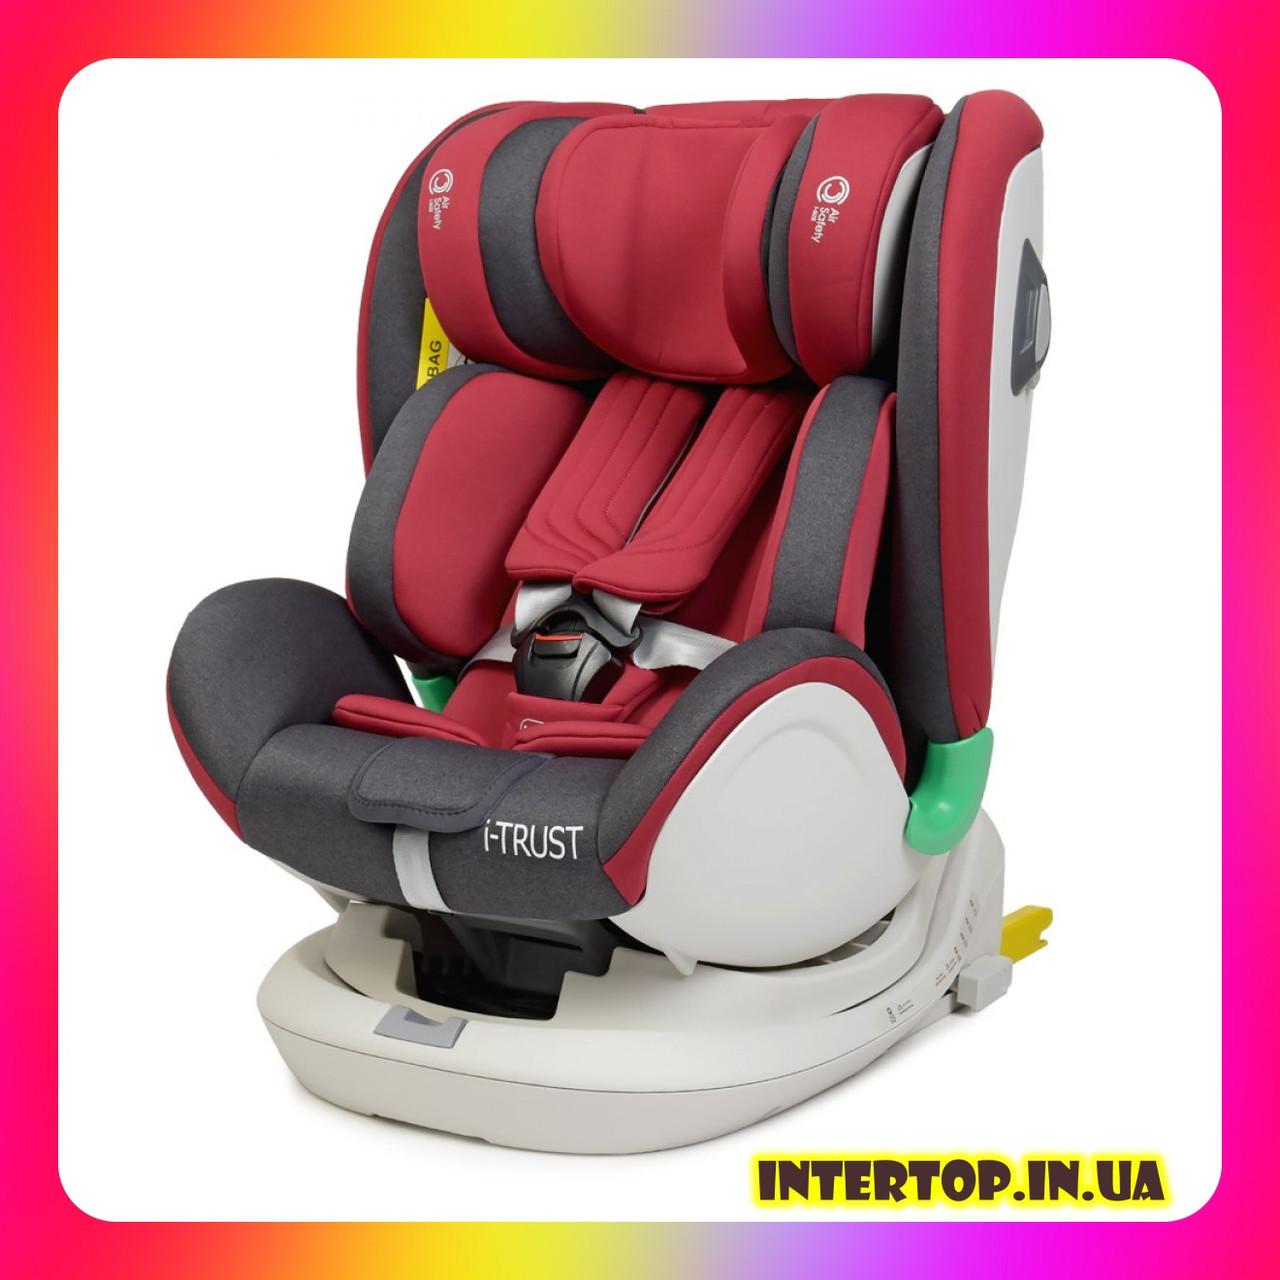 Детское автокресло с системой Isofix от рождения до 12 лет, El Camino I-TRUST ME 1081 красный